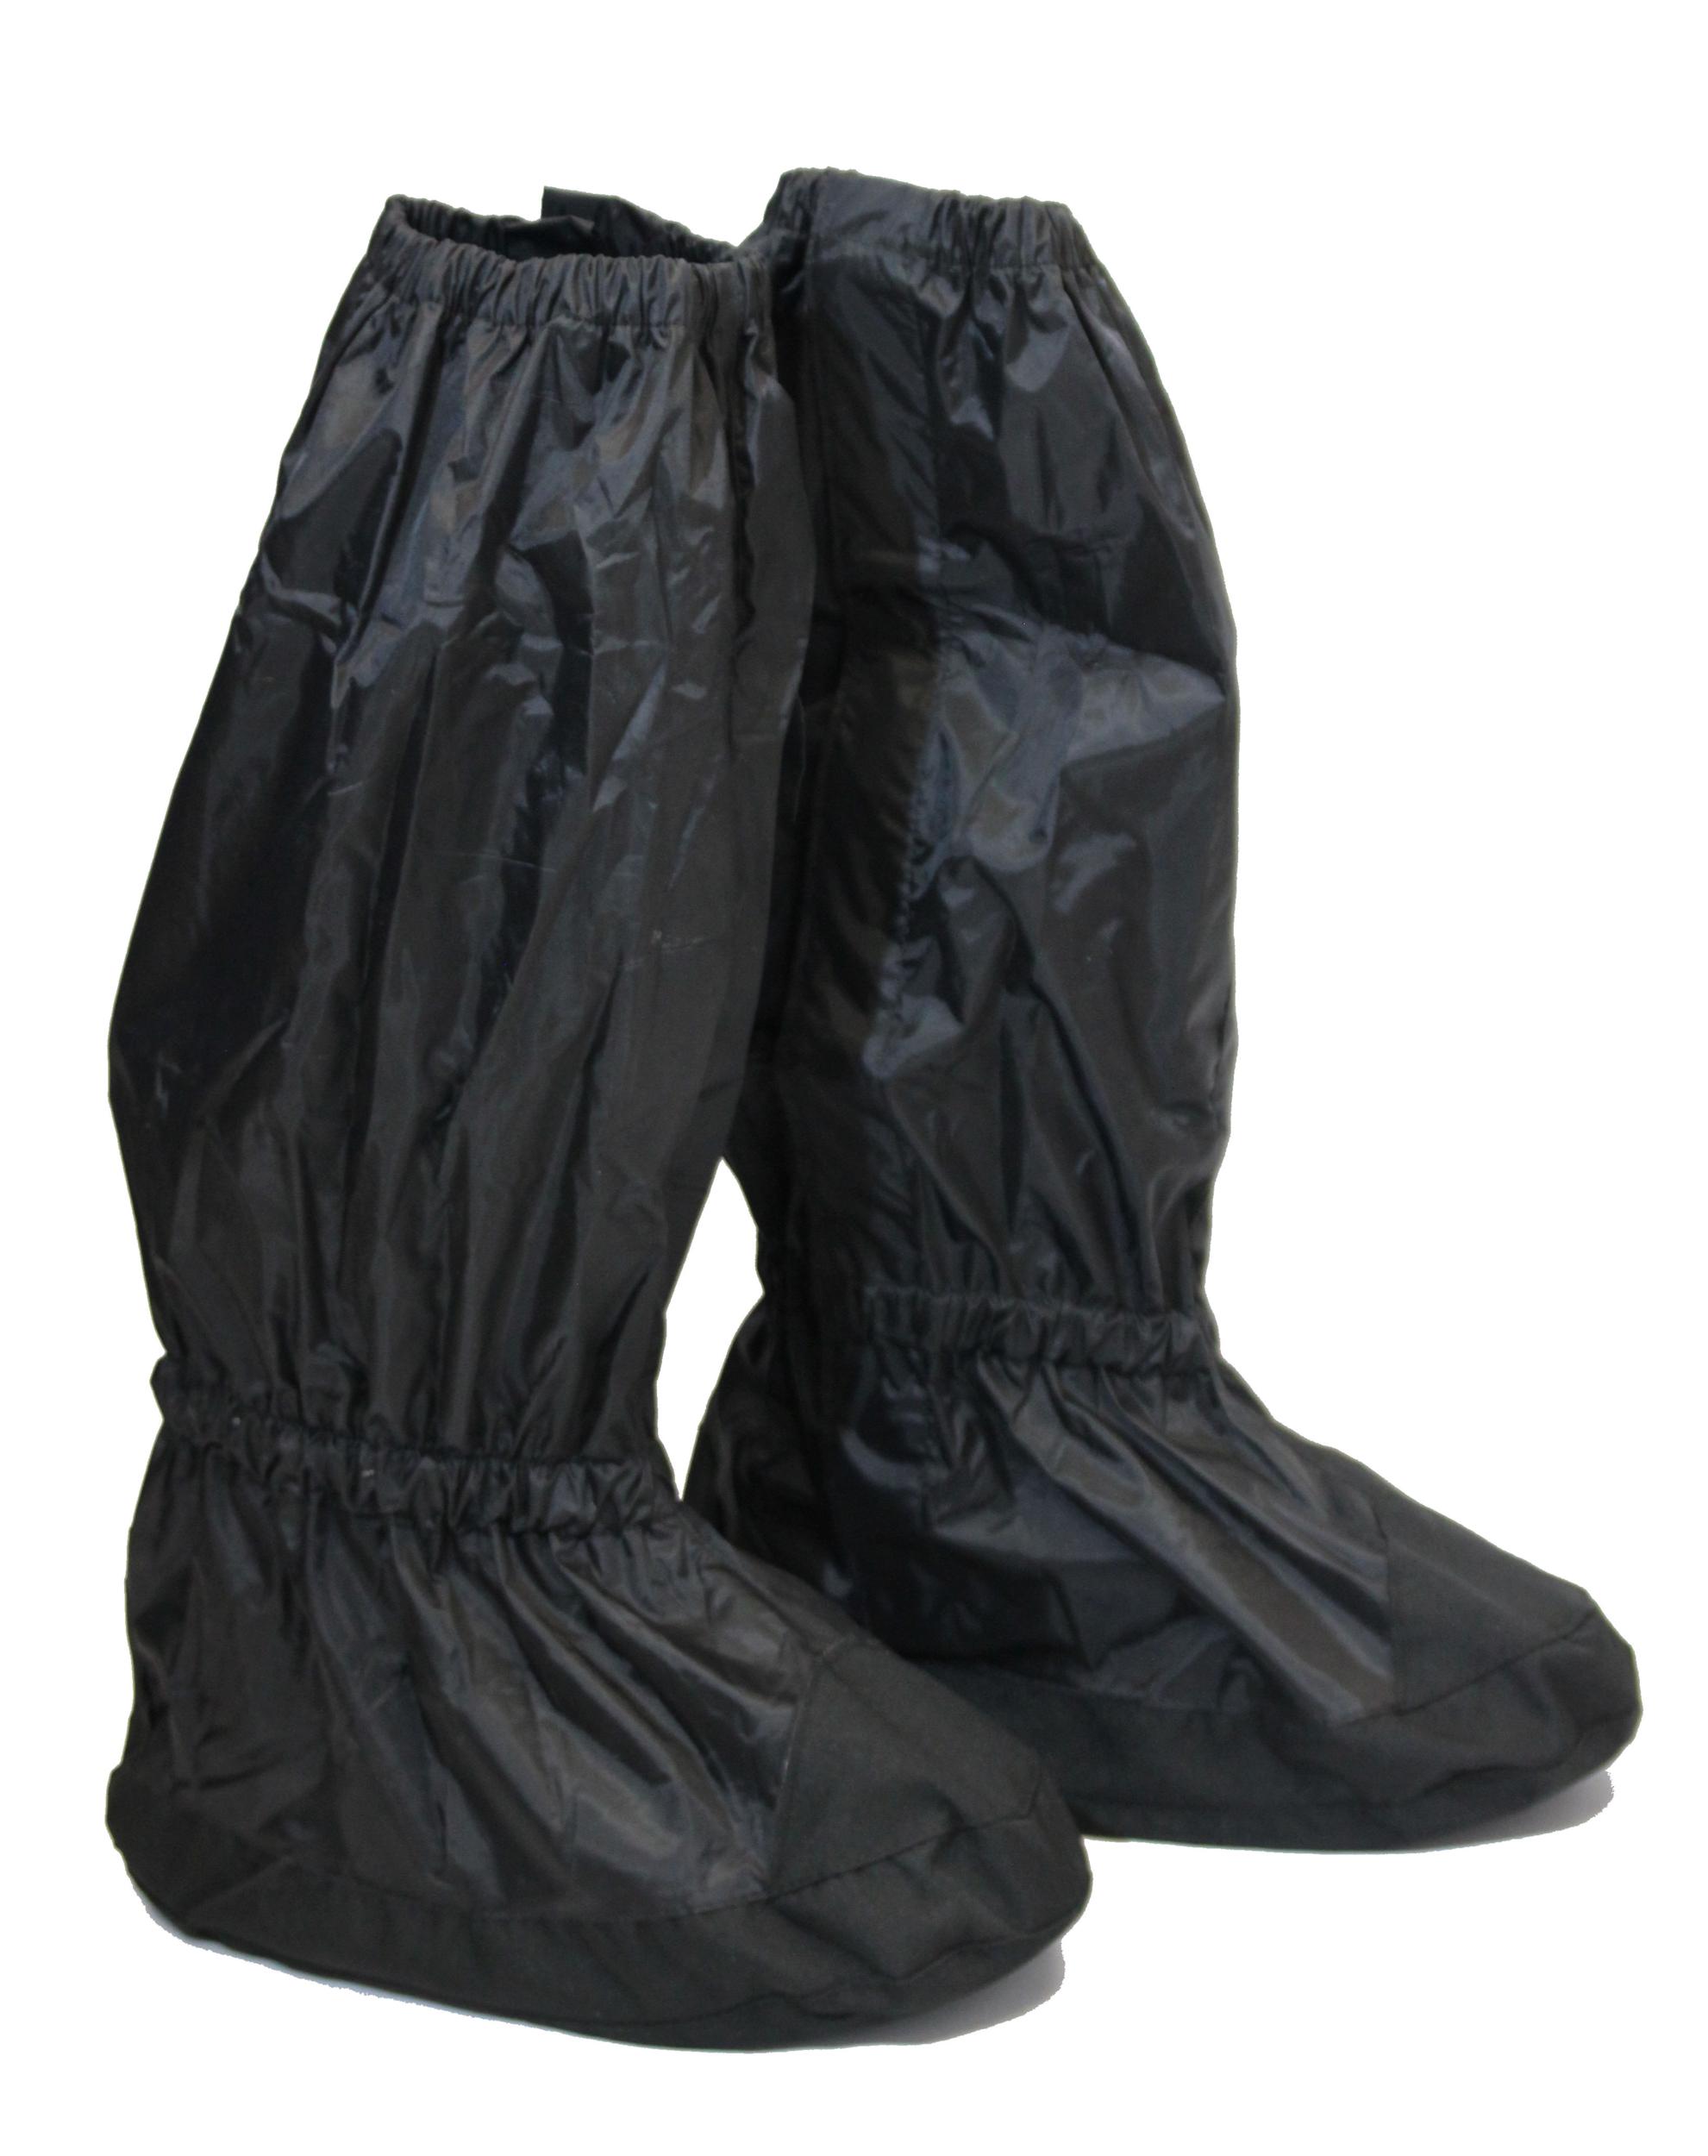 Kt512_1_sur-bottes moto pluie